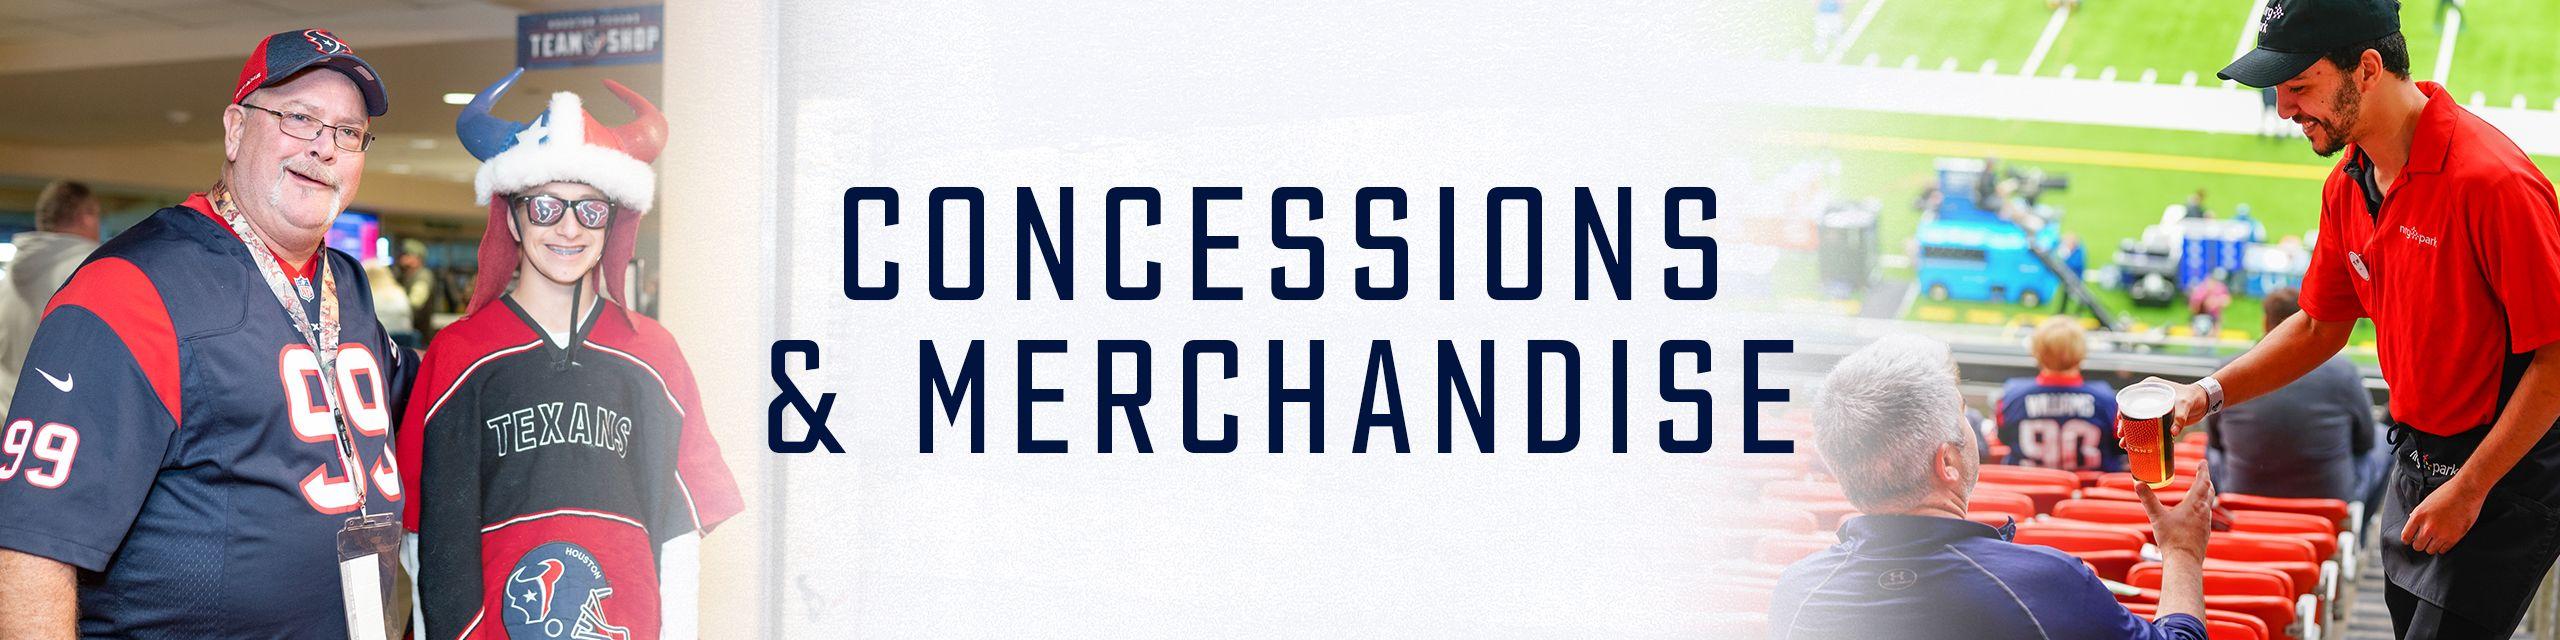 EventPage_ConcessionsMerchandise